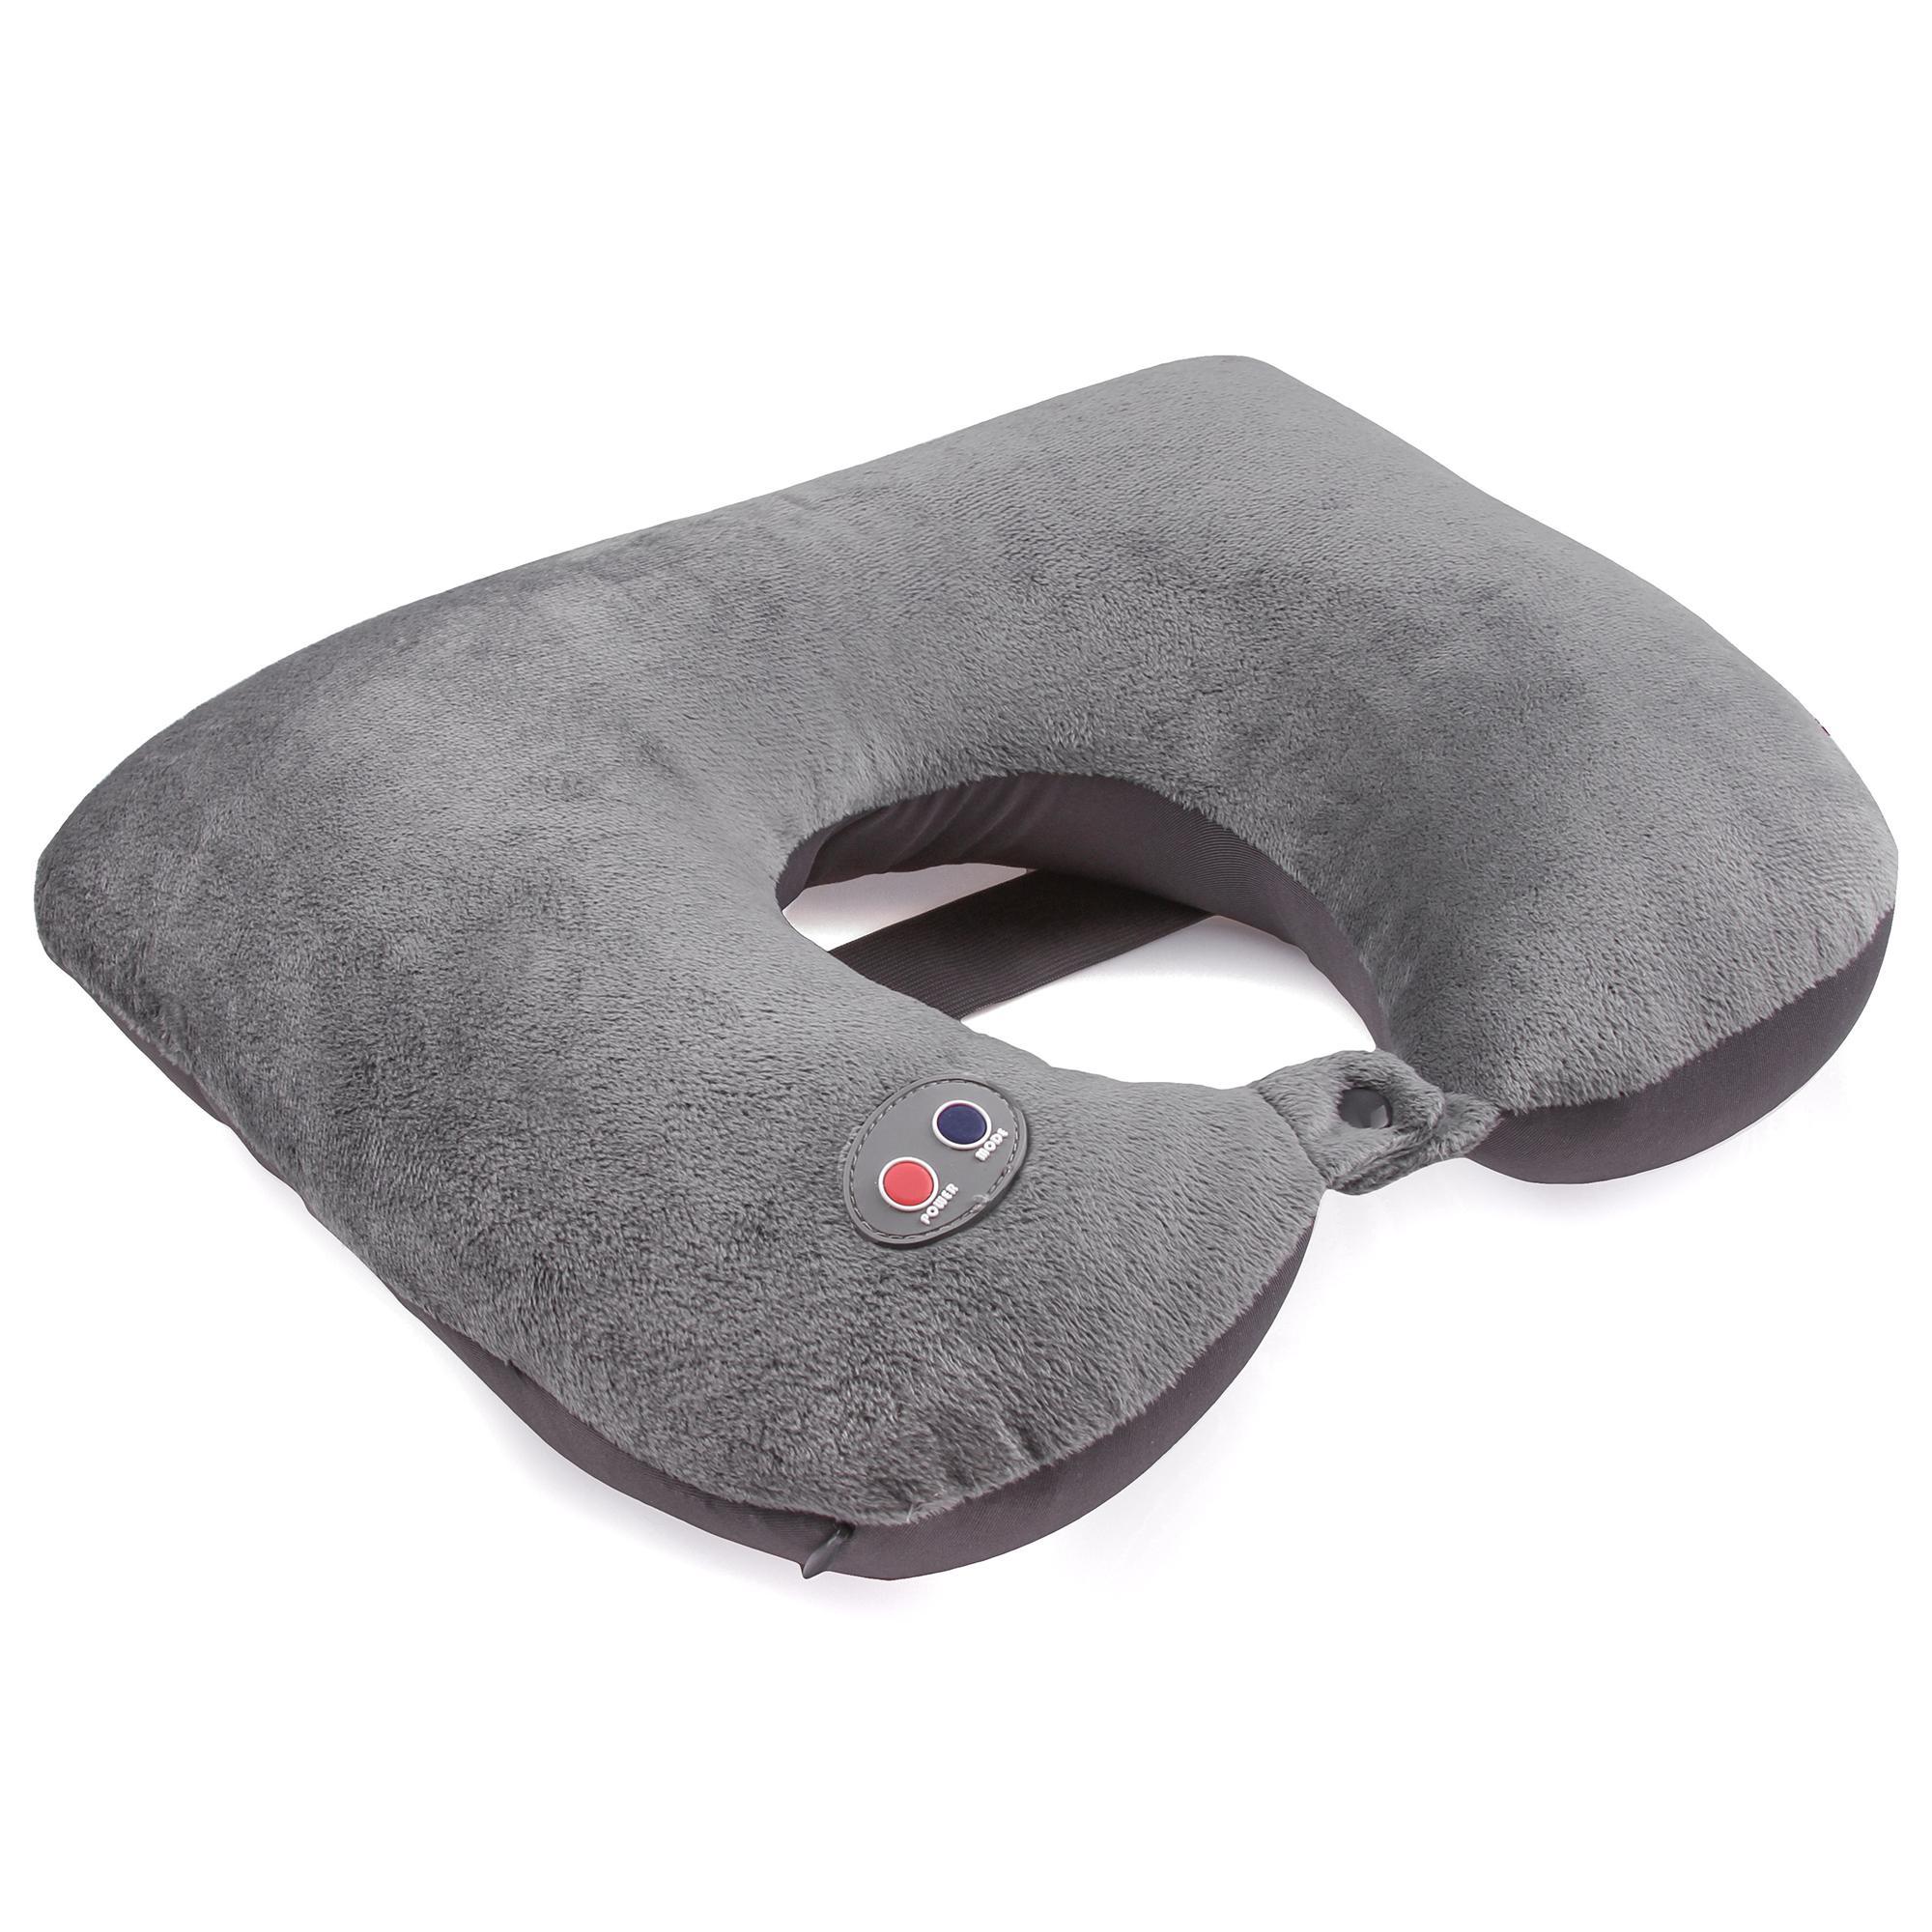 Etronic Ultra Comfort Massage Travel Neck Pillow